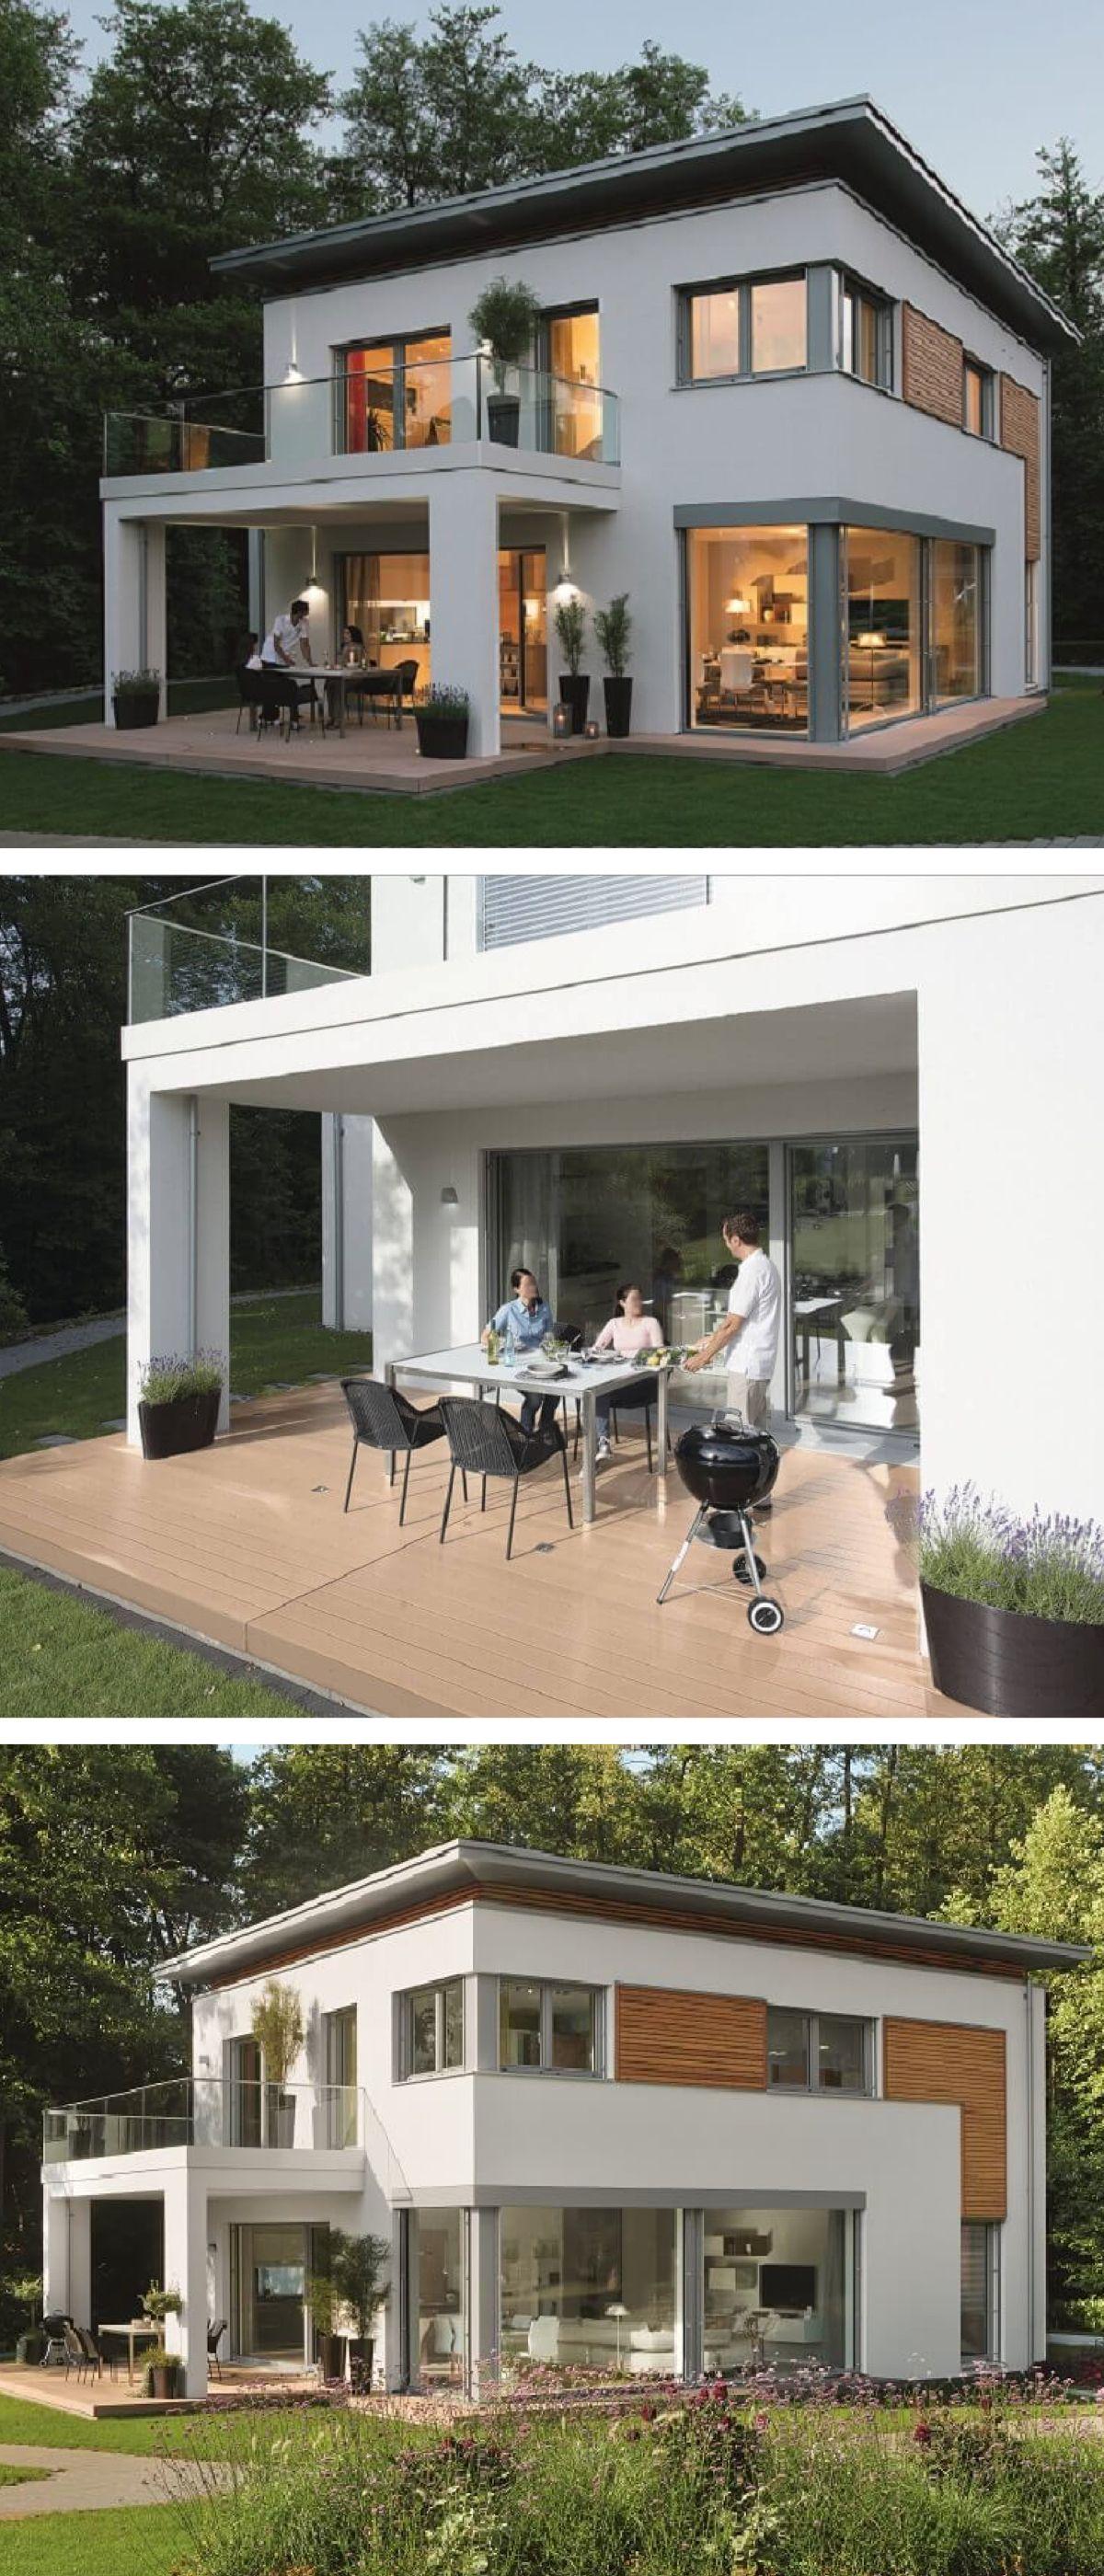 Fabelhaft Dachterrasse Auf Flachdach Bauen Foto Von Modern Mit Architektur & Pergola Terrasse -